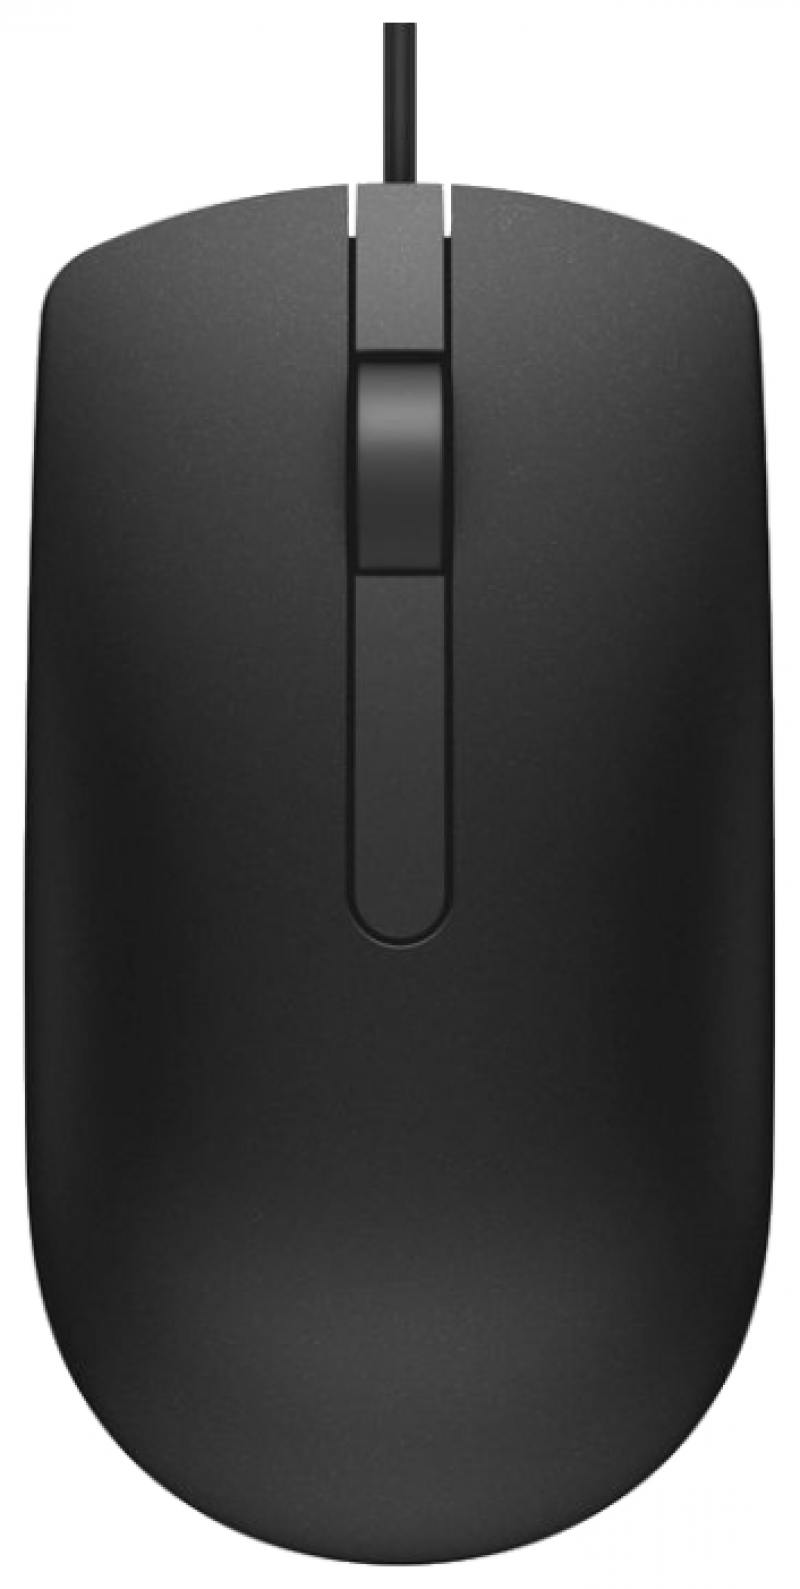 Мышь DELL MS116 Black USB проводная, оптическая, 1000 dpi, 2 кнопок + колесо цена